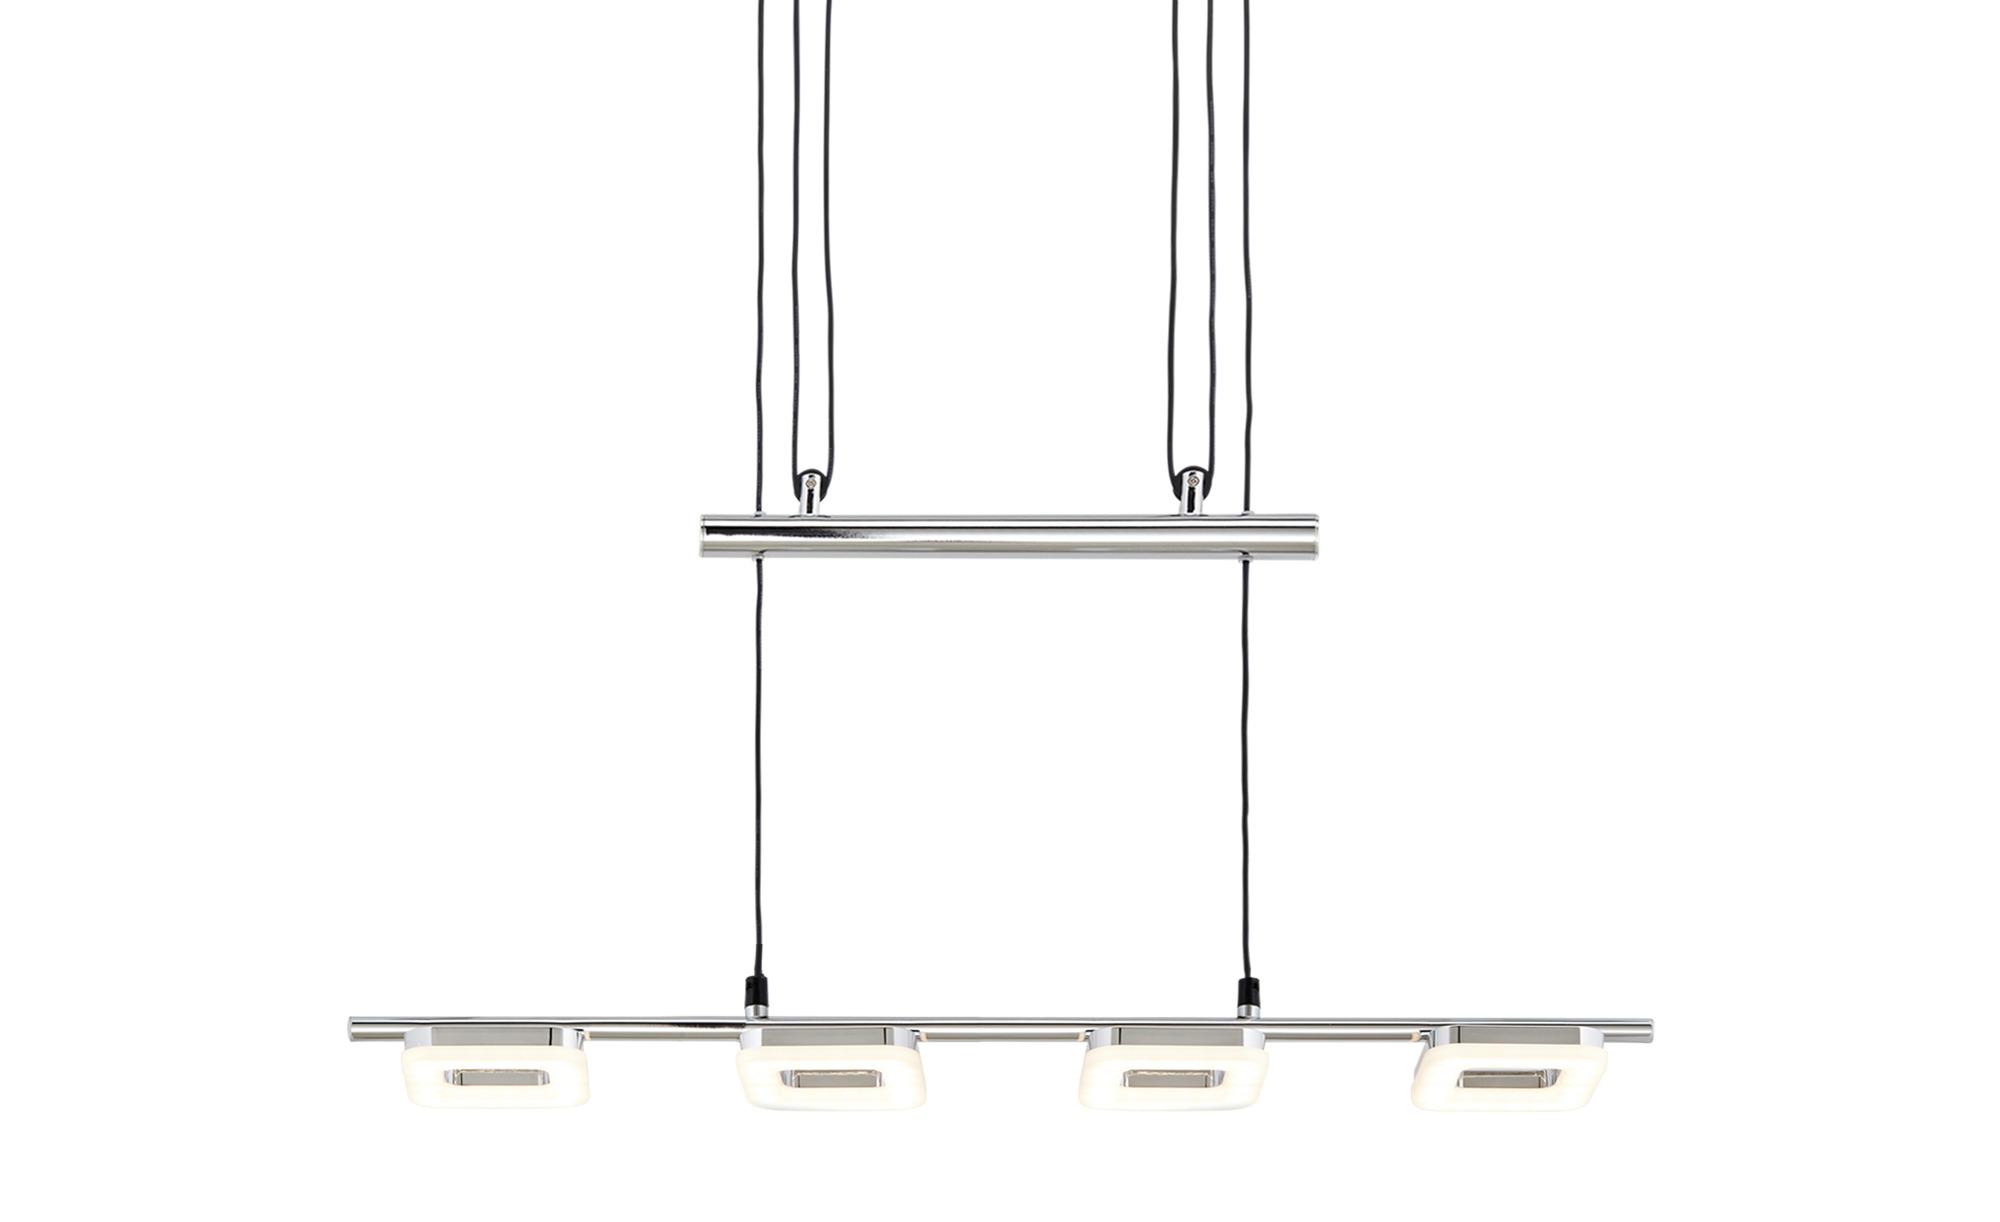 KHG LED-Pendelleuchte, 4-flammig, chrom ¦ silber ¦ Maße (cm): B: 10,3 H: 176 T: 10 Lampen & Leuchten > LED-Leuchten > LED-Pendelleuchten - Höffner